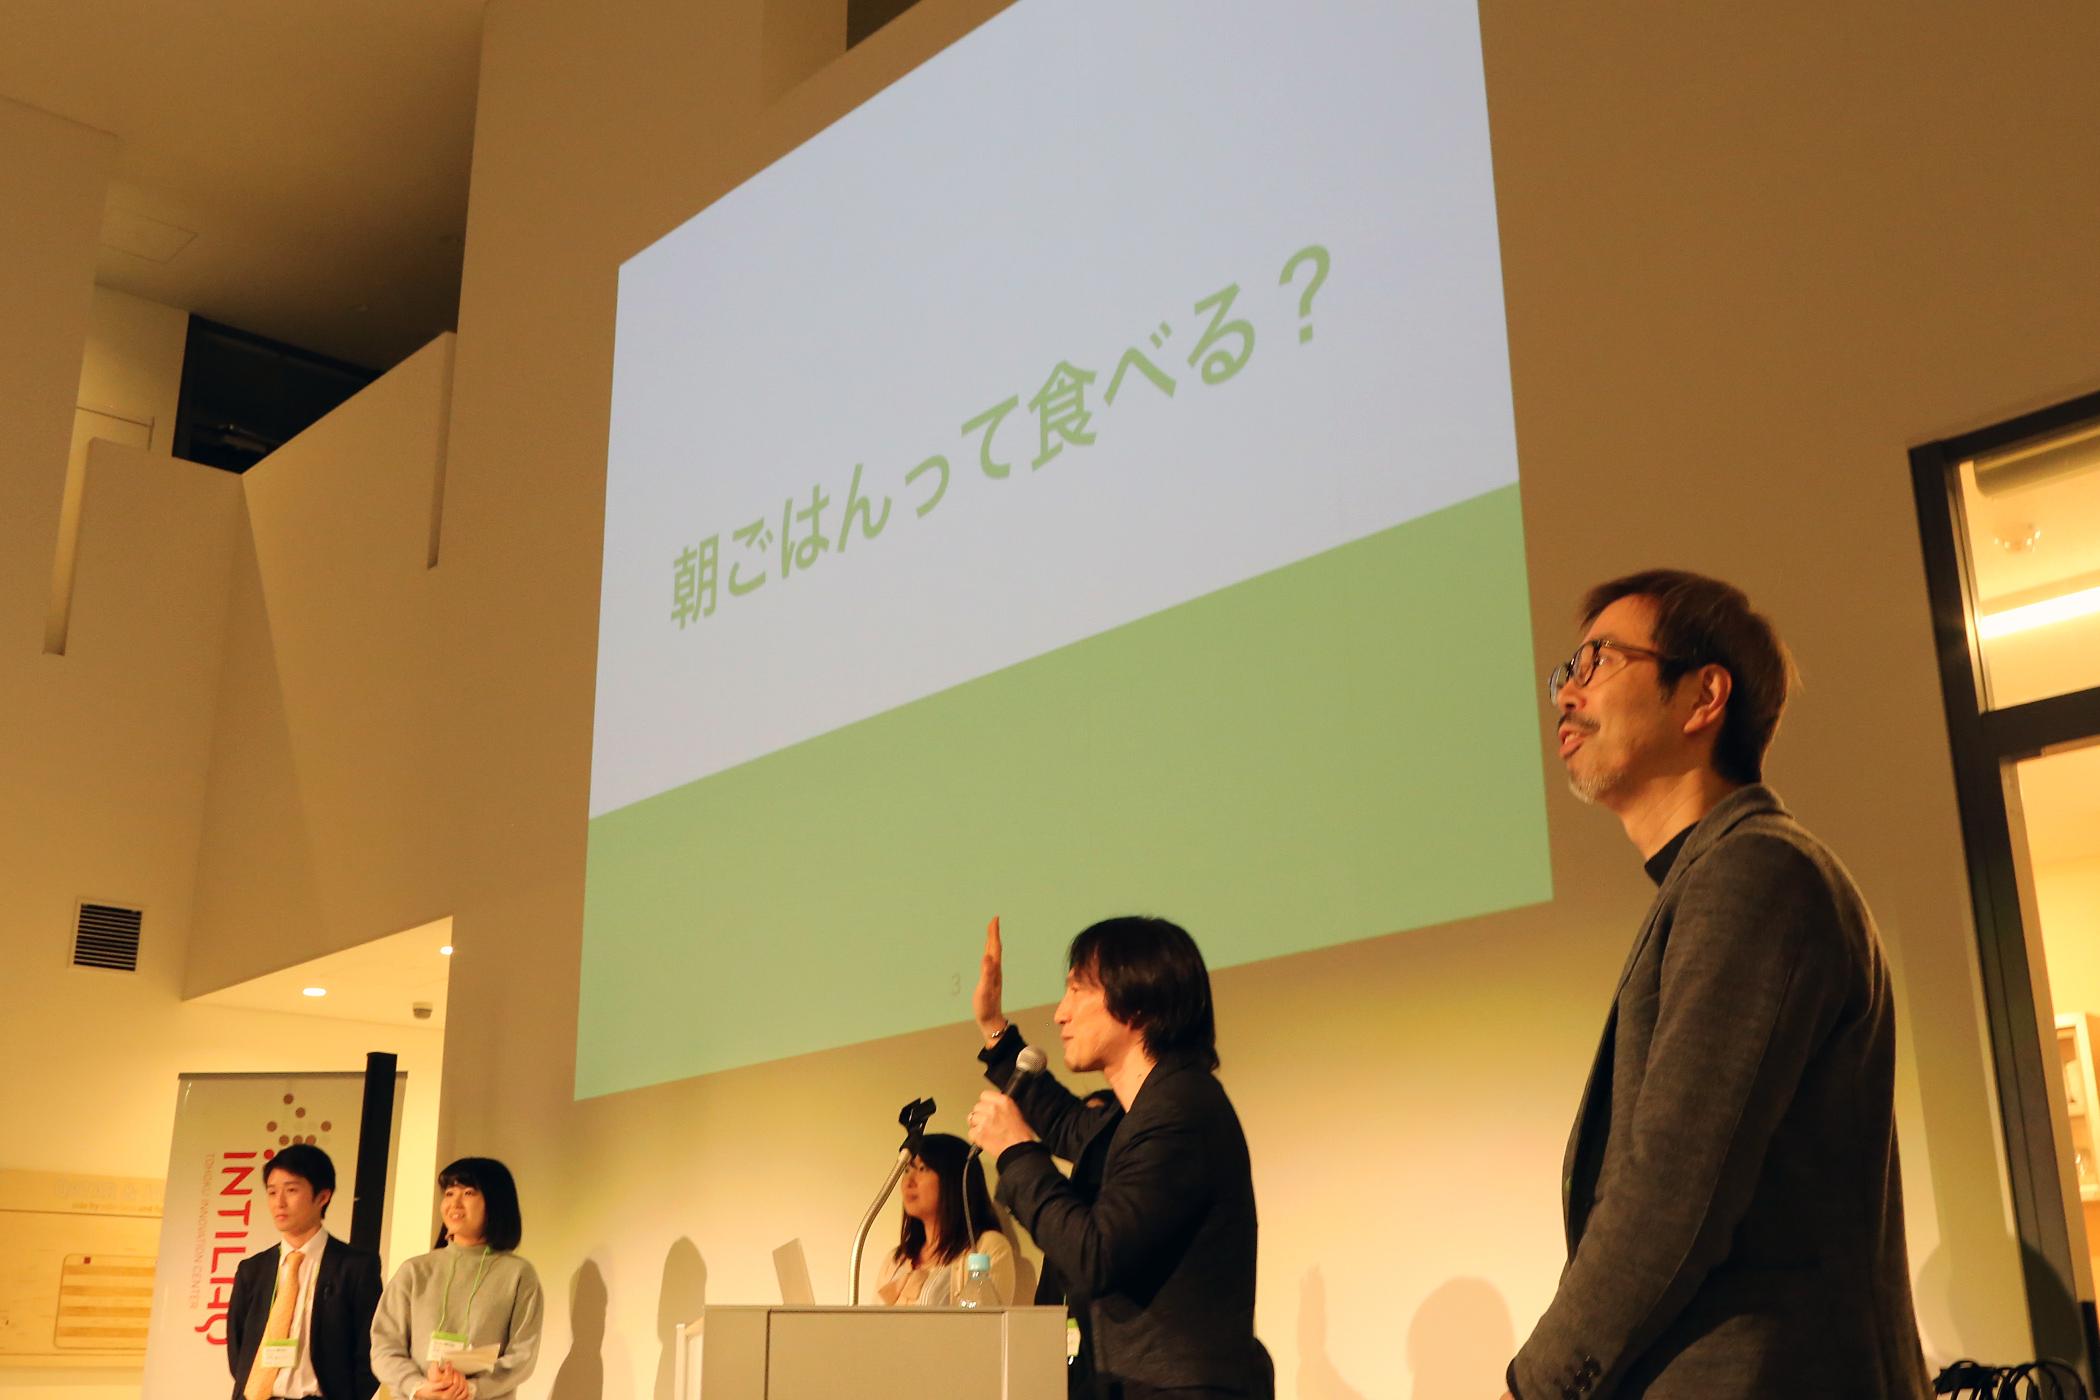 【イベントレポート】WEコミュニティクラス合同発表会が開催されました